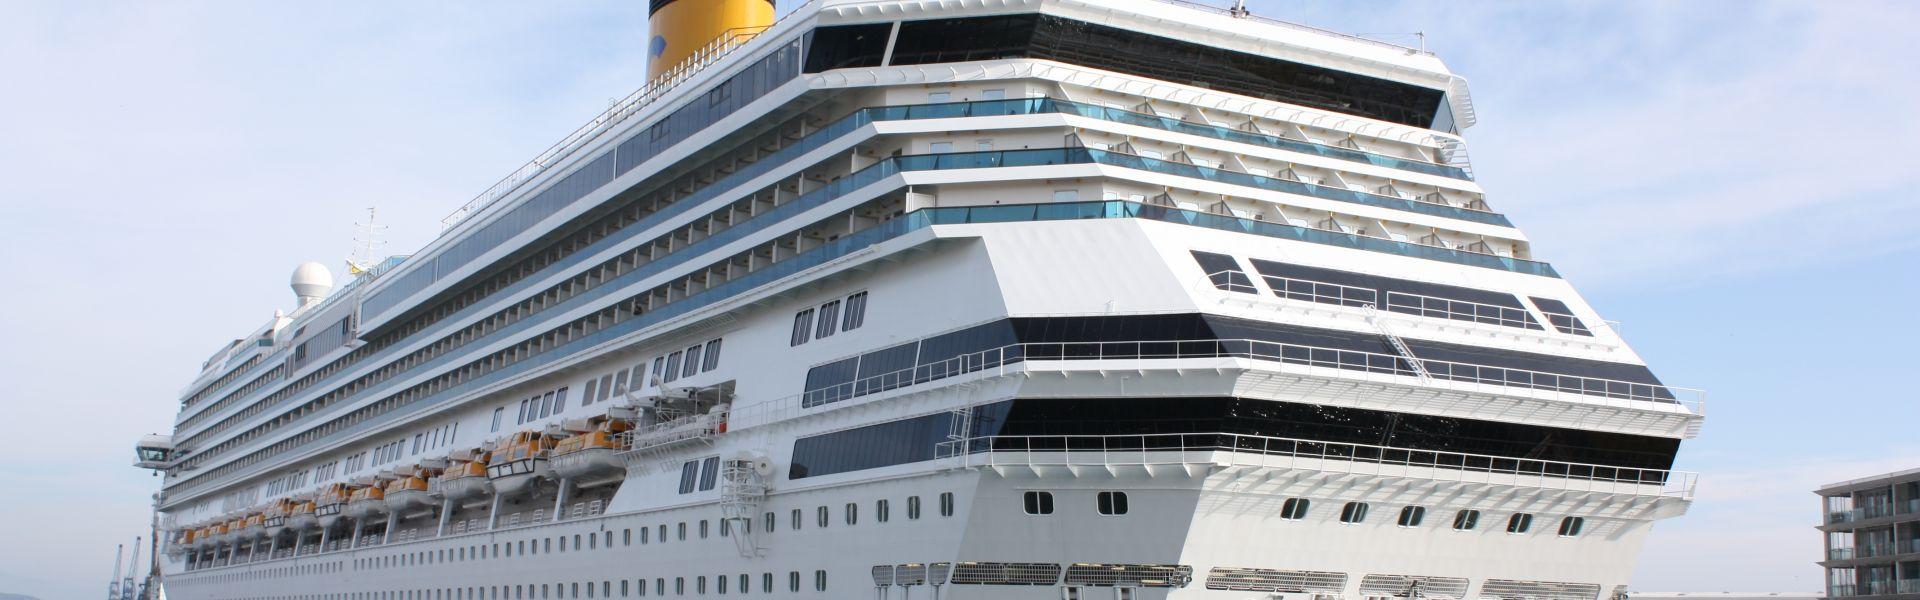 Croaziera 2018 - Insulele Canare (Civitavecchia) - Costa Cruises - Costa Pacifica - 11 nopti